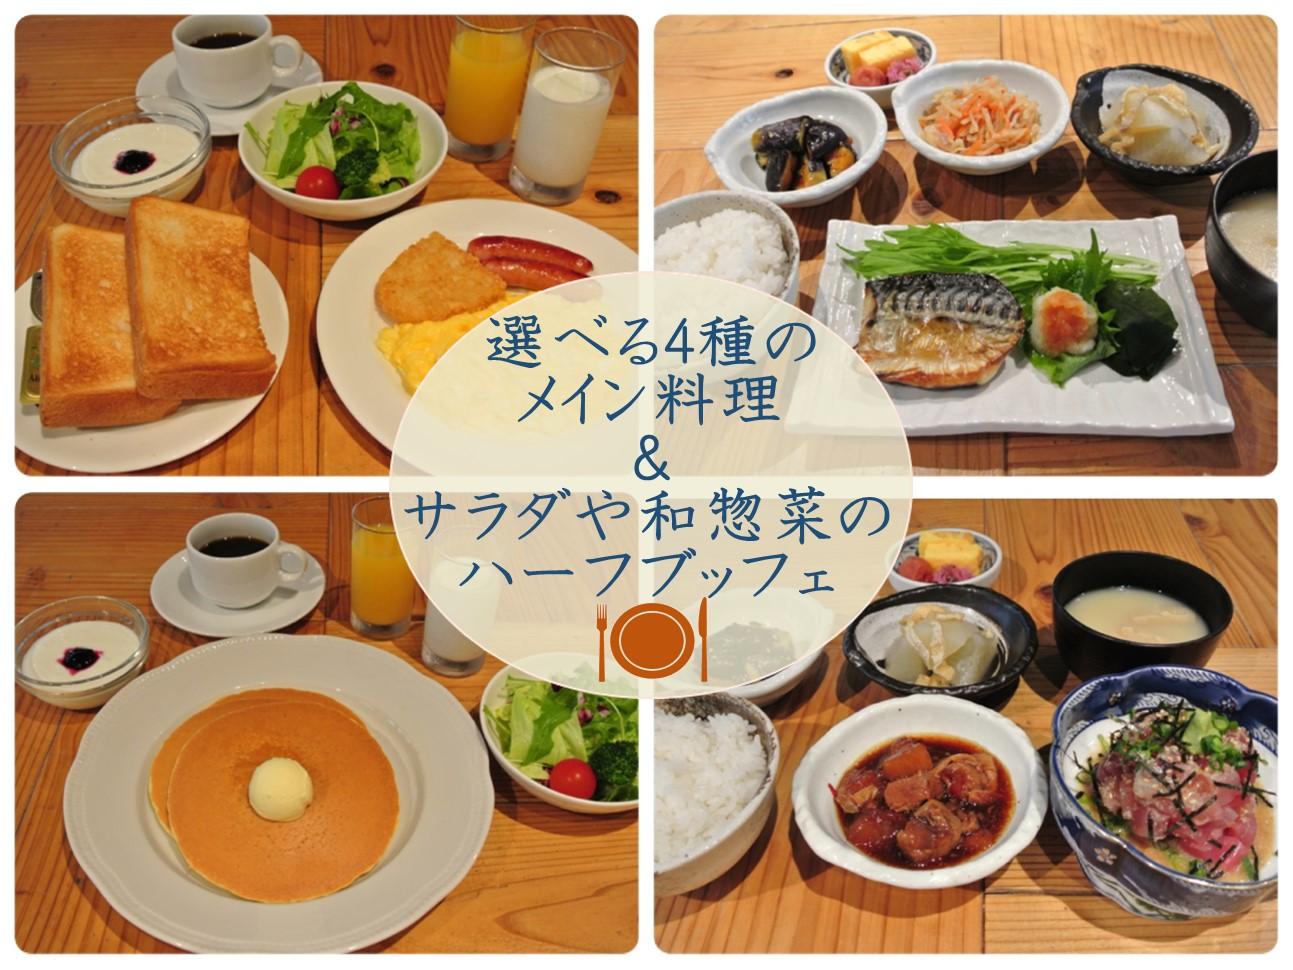 リッチモンドホテル浅草 / 【早期割30】30日前までのご予約限定♪ 《朝食付き》